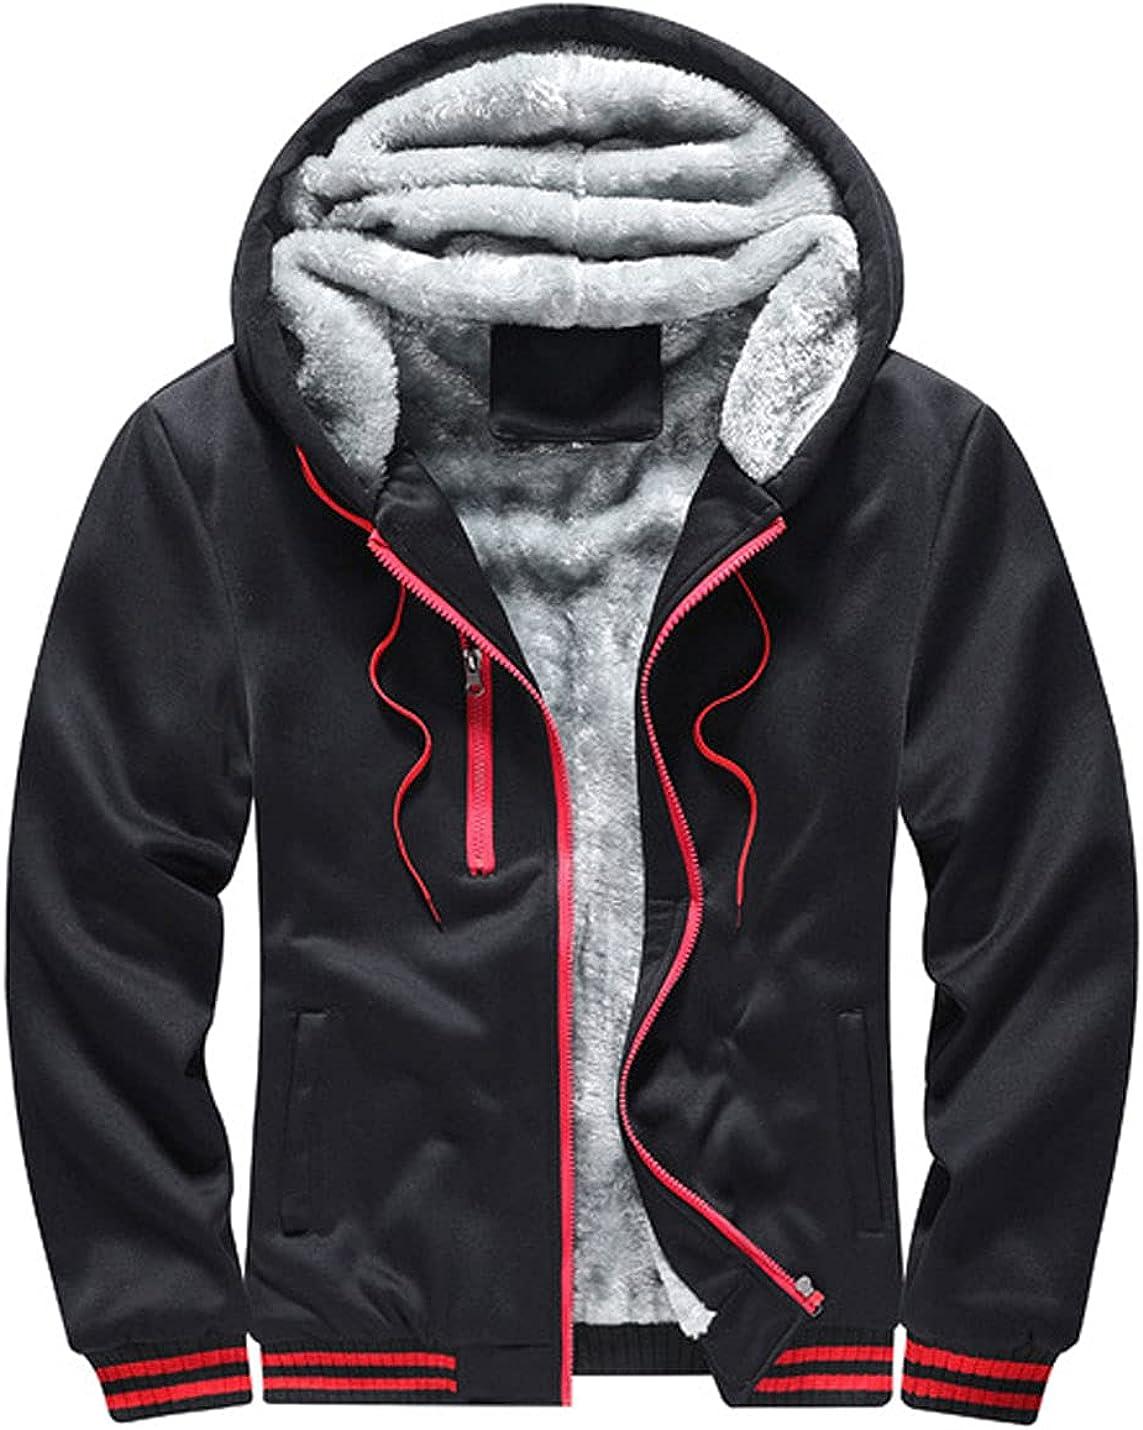 Bankeng Men's Winter Fleece Sherpa Lined Zipper Hoodie Sweatshirt Jacket